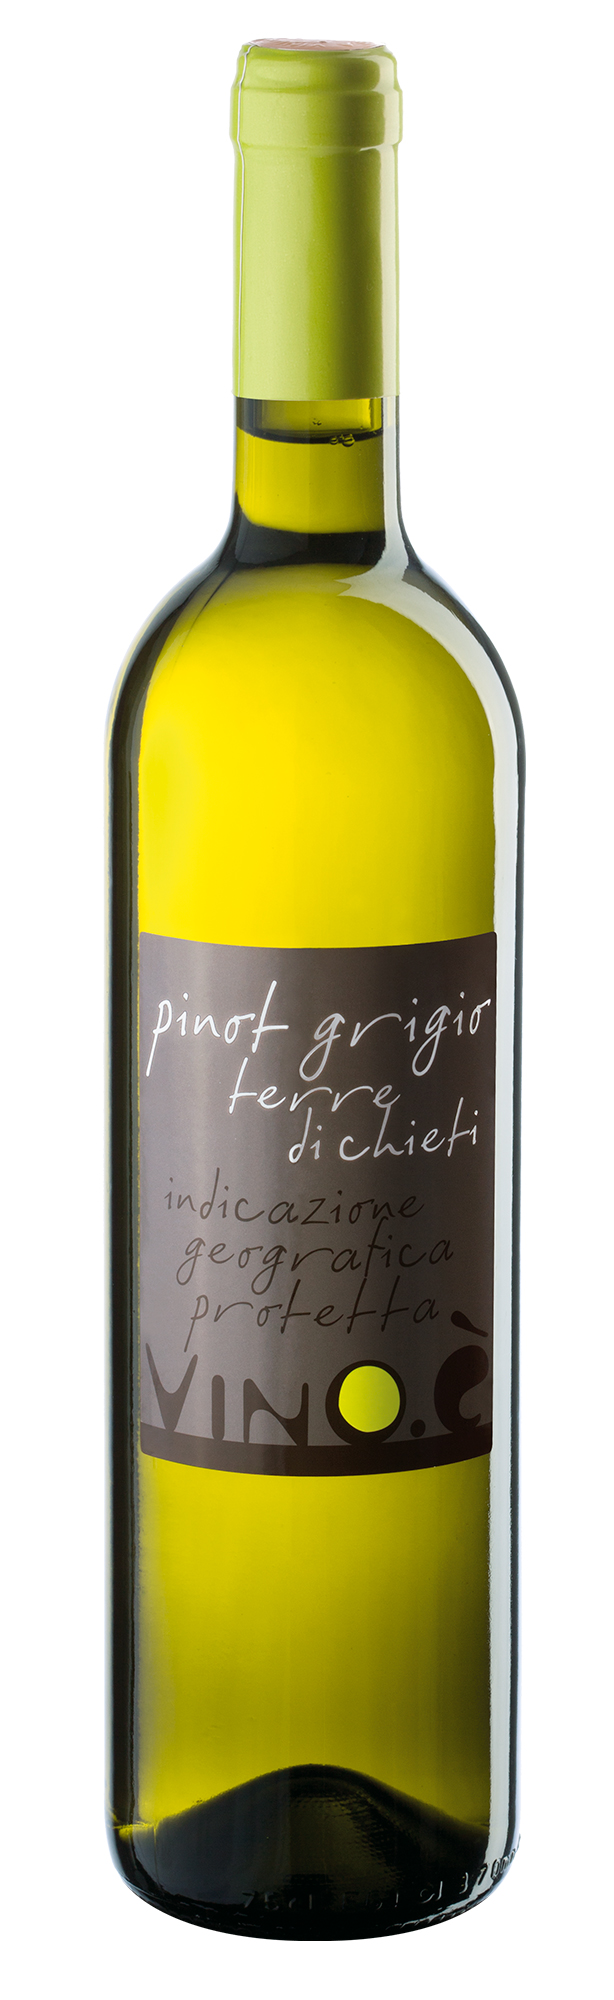 Představujeme naše italská vína V.